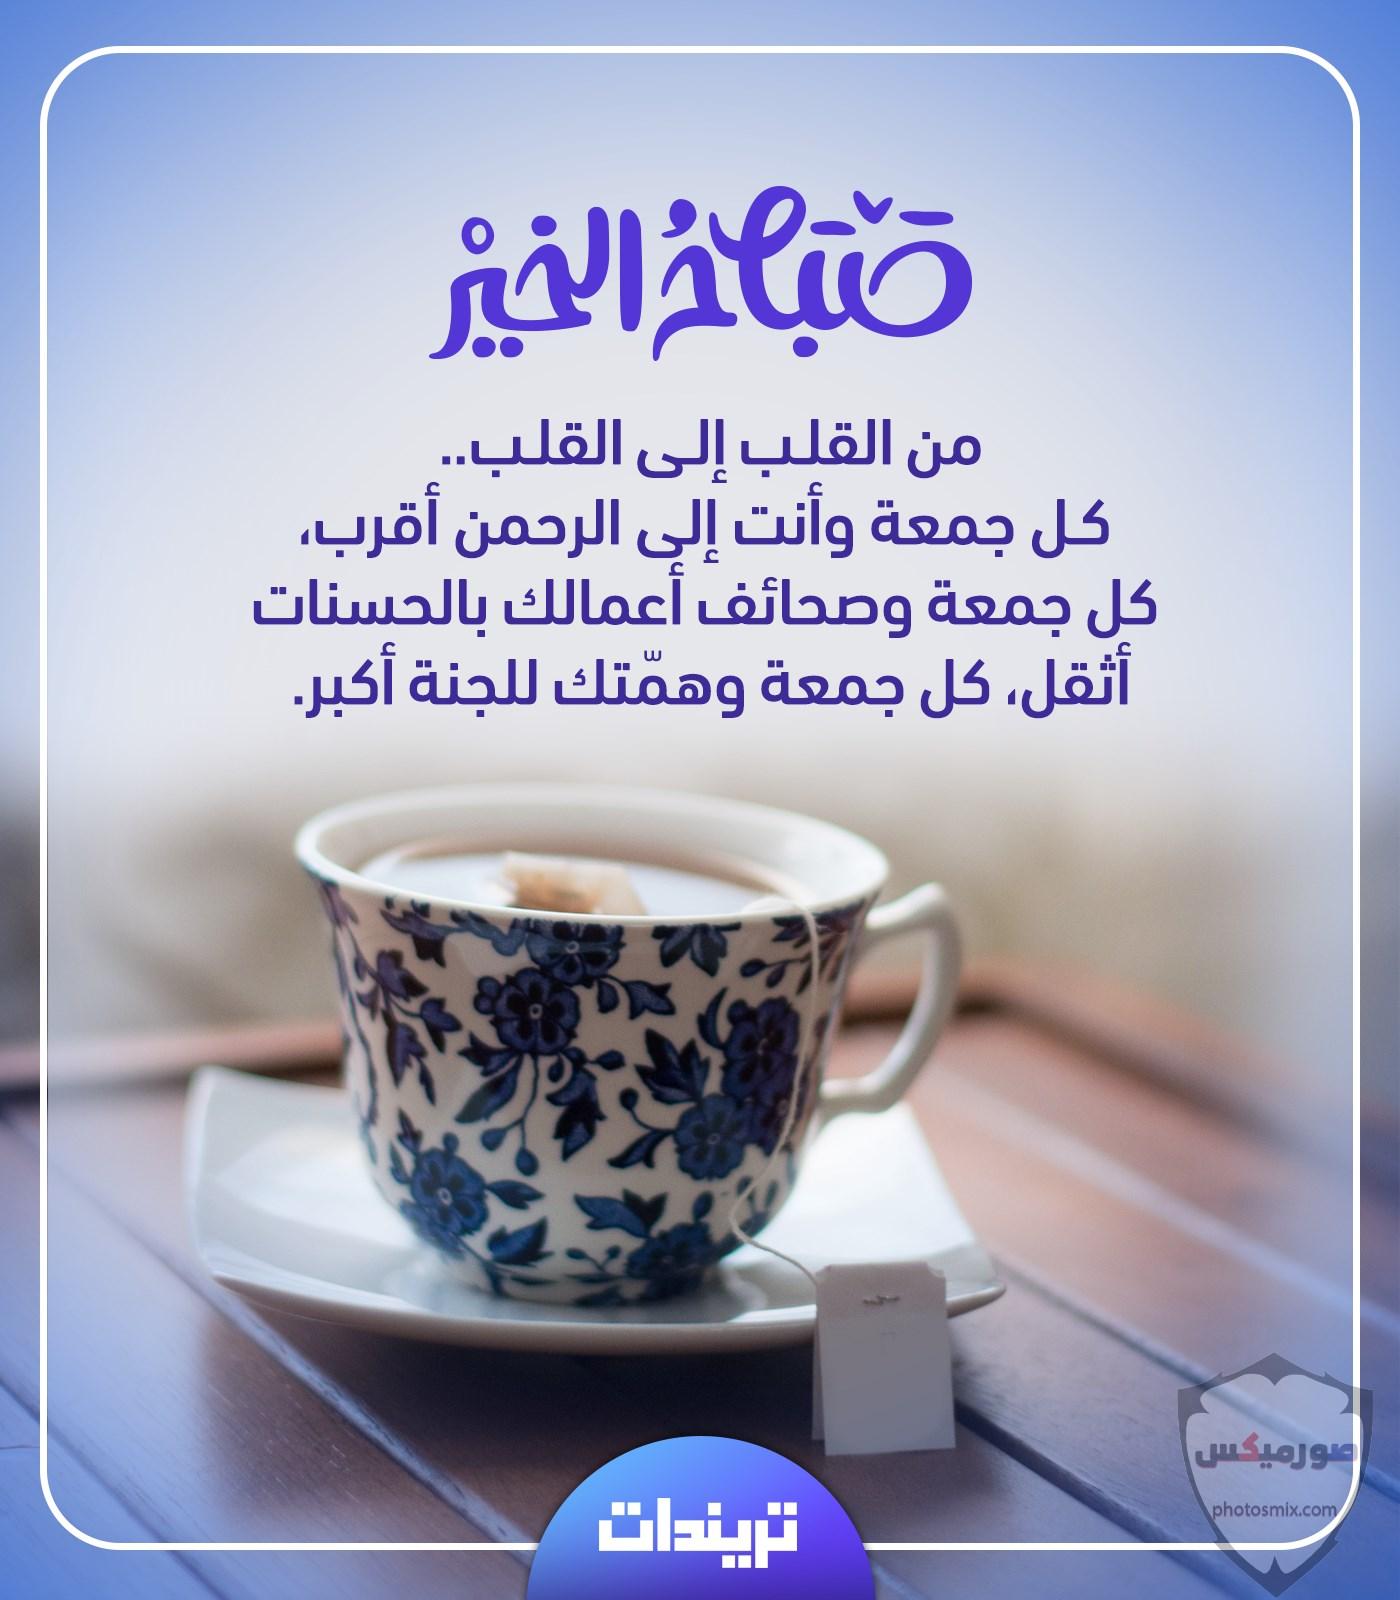 جمعة مباركة صور جمعة مباركه 2020 ادعية يوم الجمعه مصورة مكتوب عليها جمعة مباركة 2